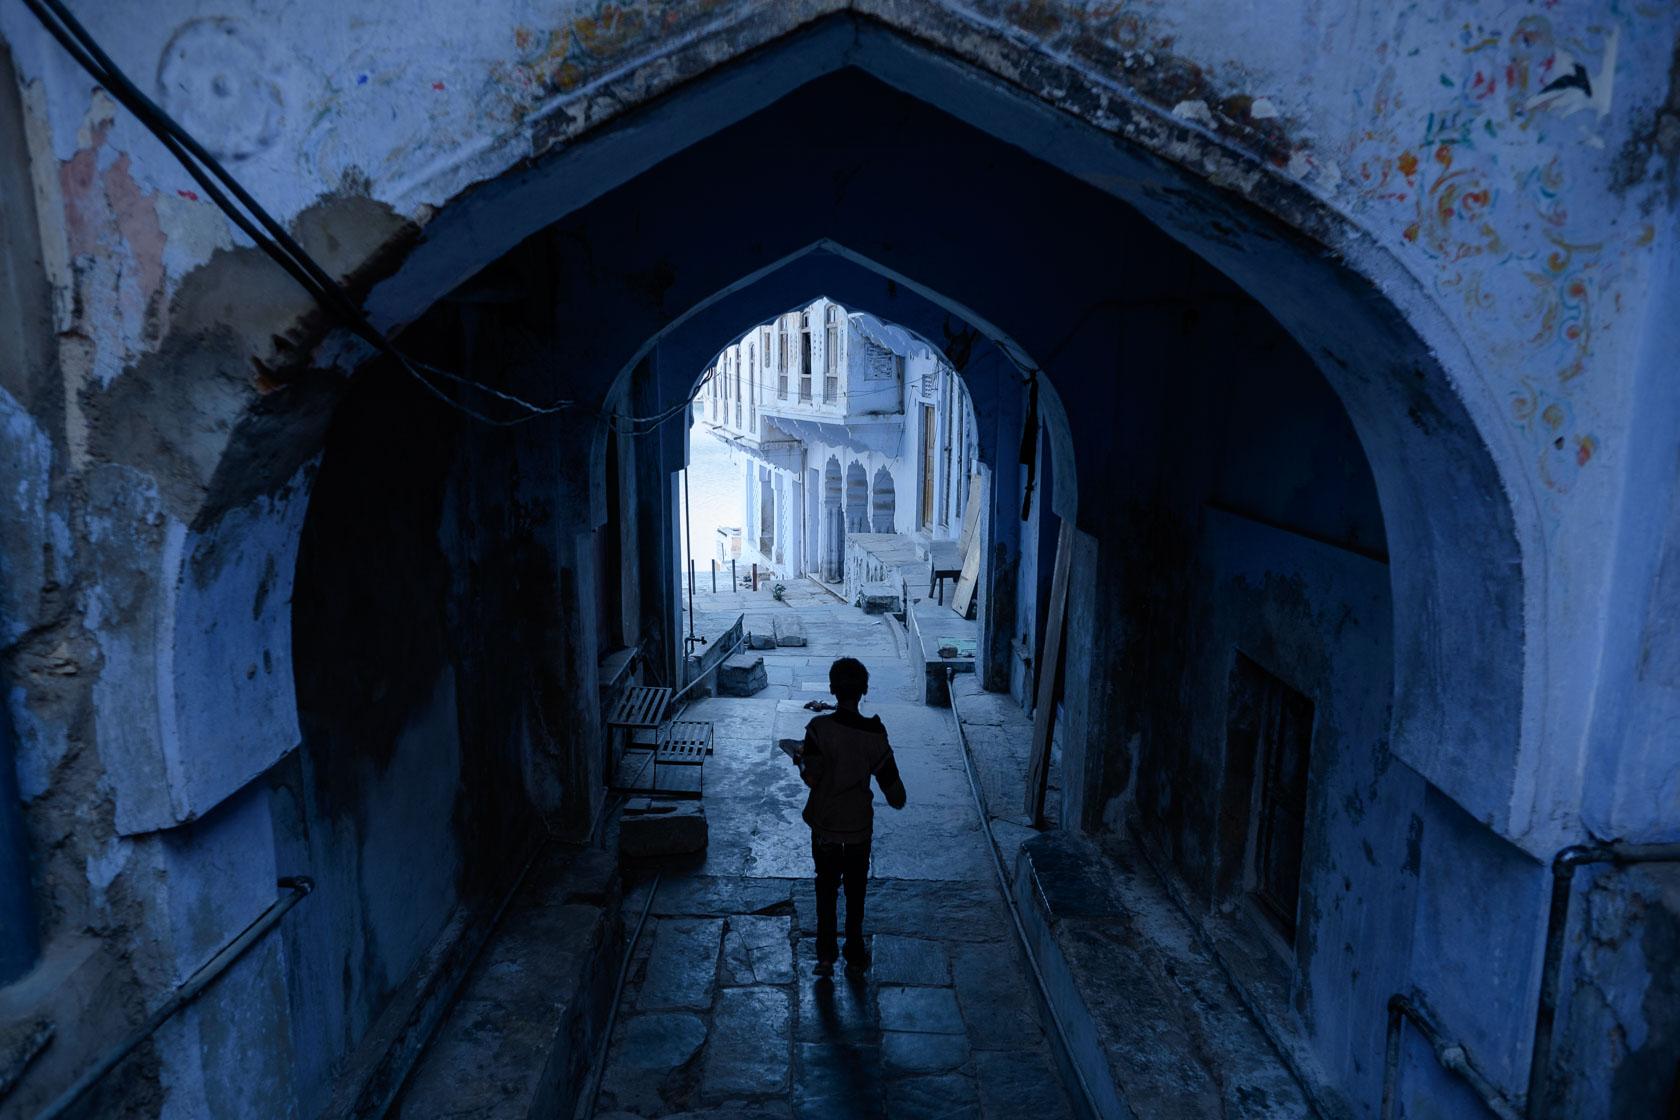 Ghat Entrance, Pushkar, India